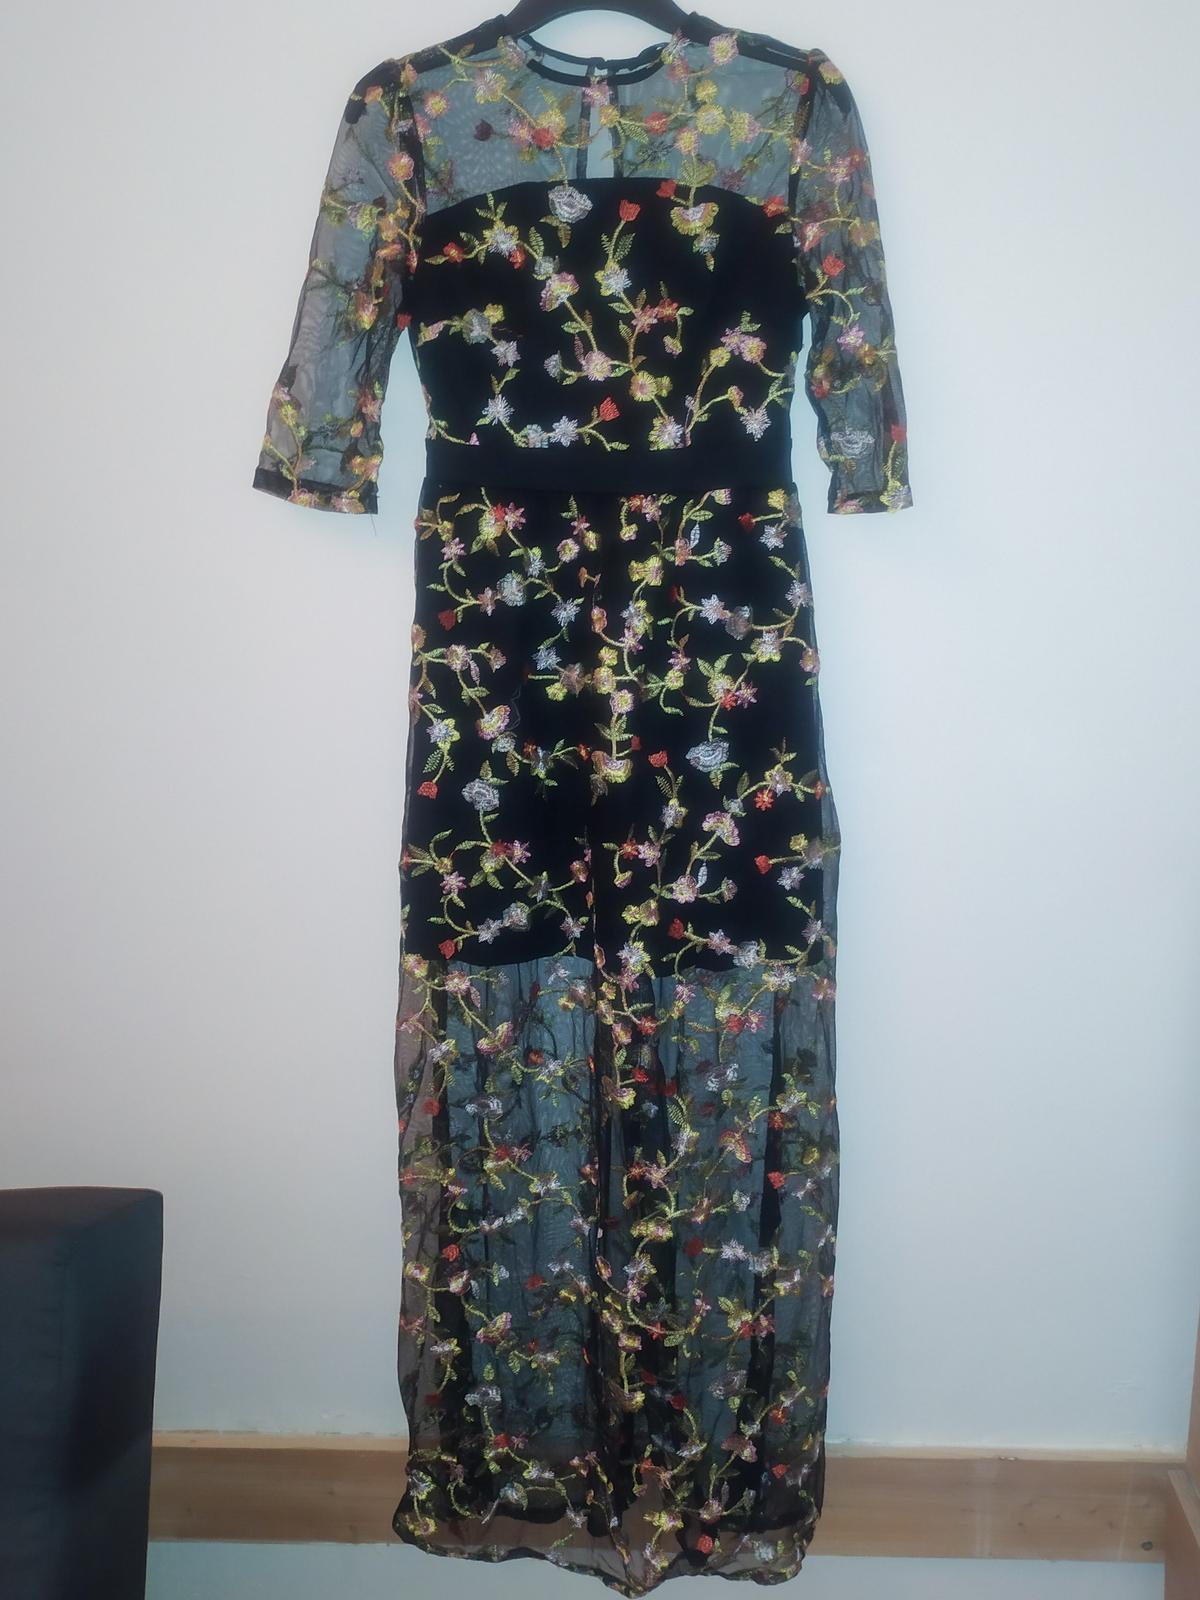 Maxi šaty černé s vyšívanými květinami - vel. S - Obrázek č. 2